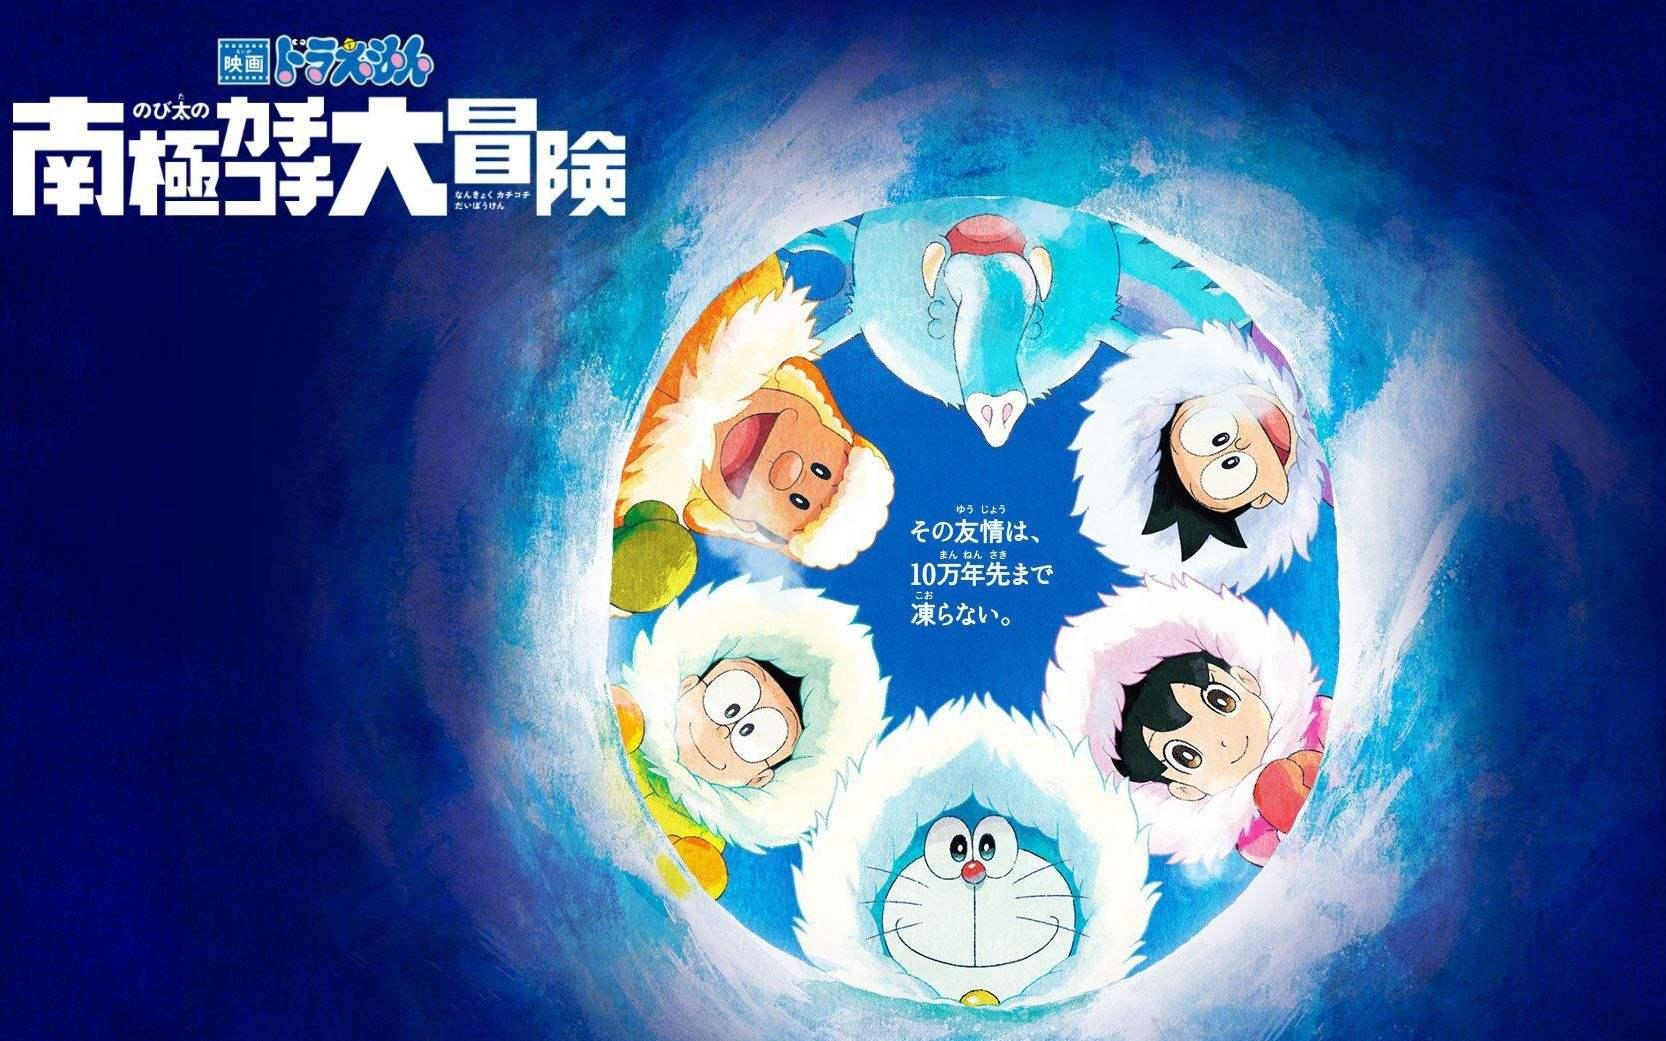 「僕の心をつくってよ」《哆啦A梦:大雄的南极冰寒大冒险 》主题曲 在线赏析下载